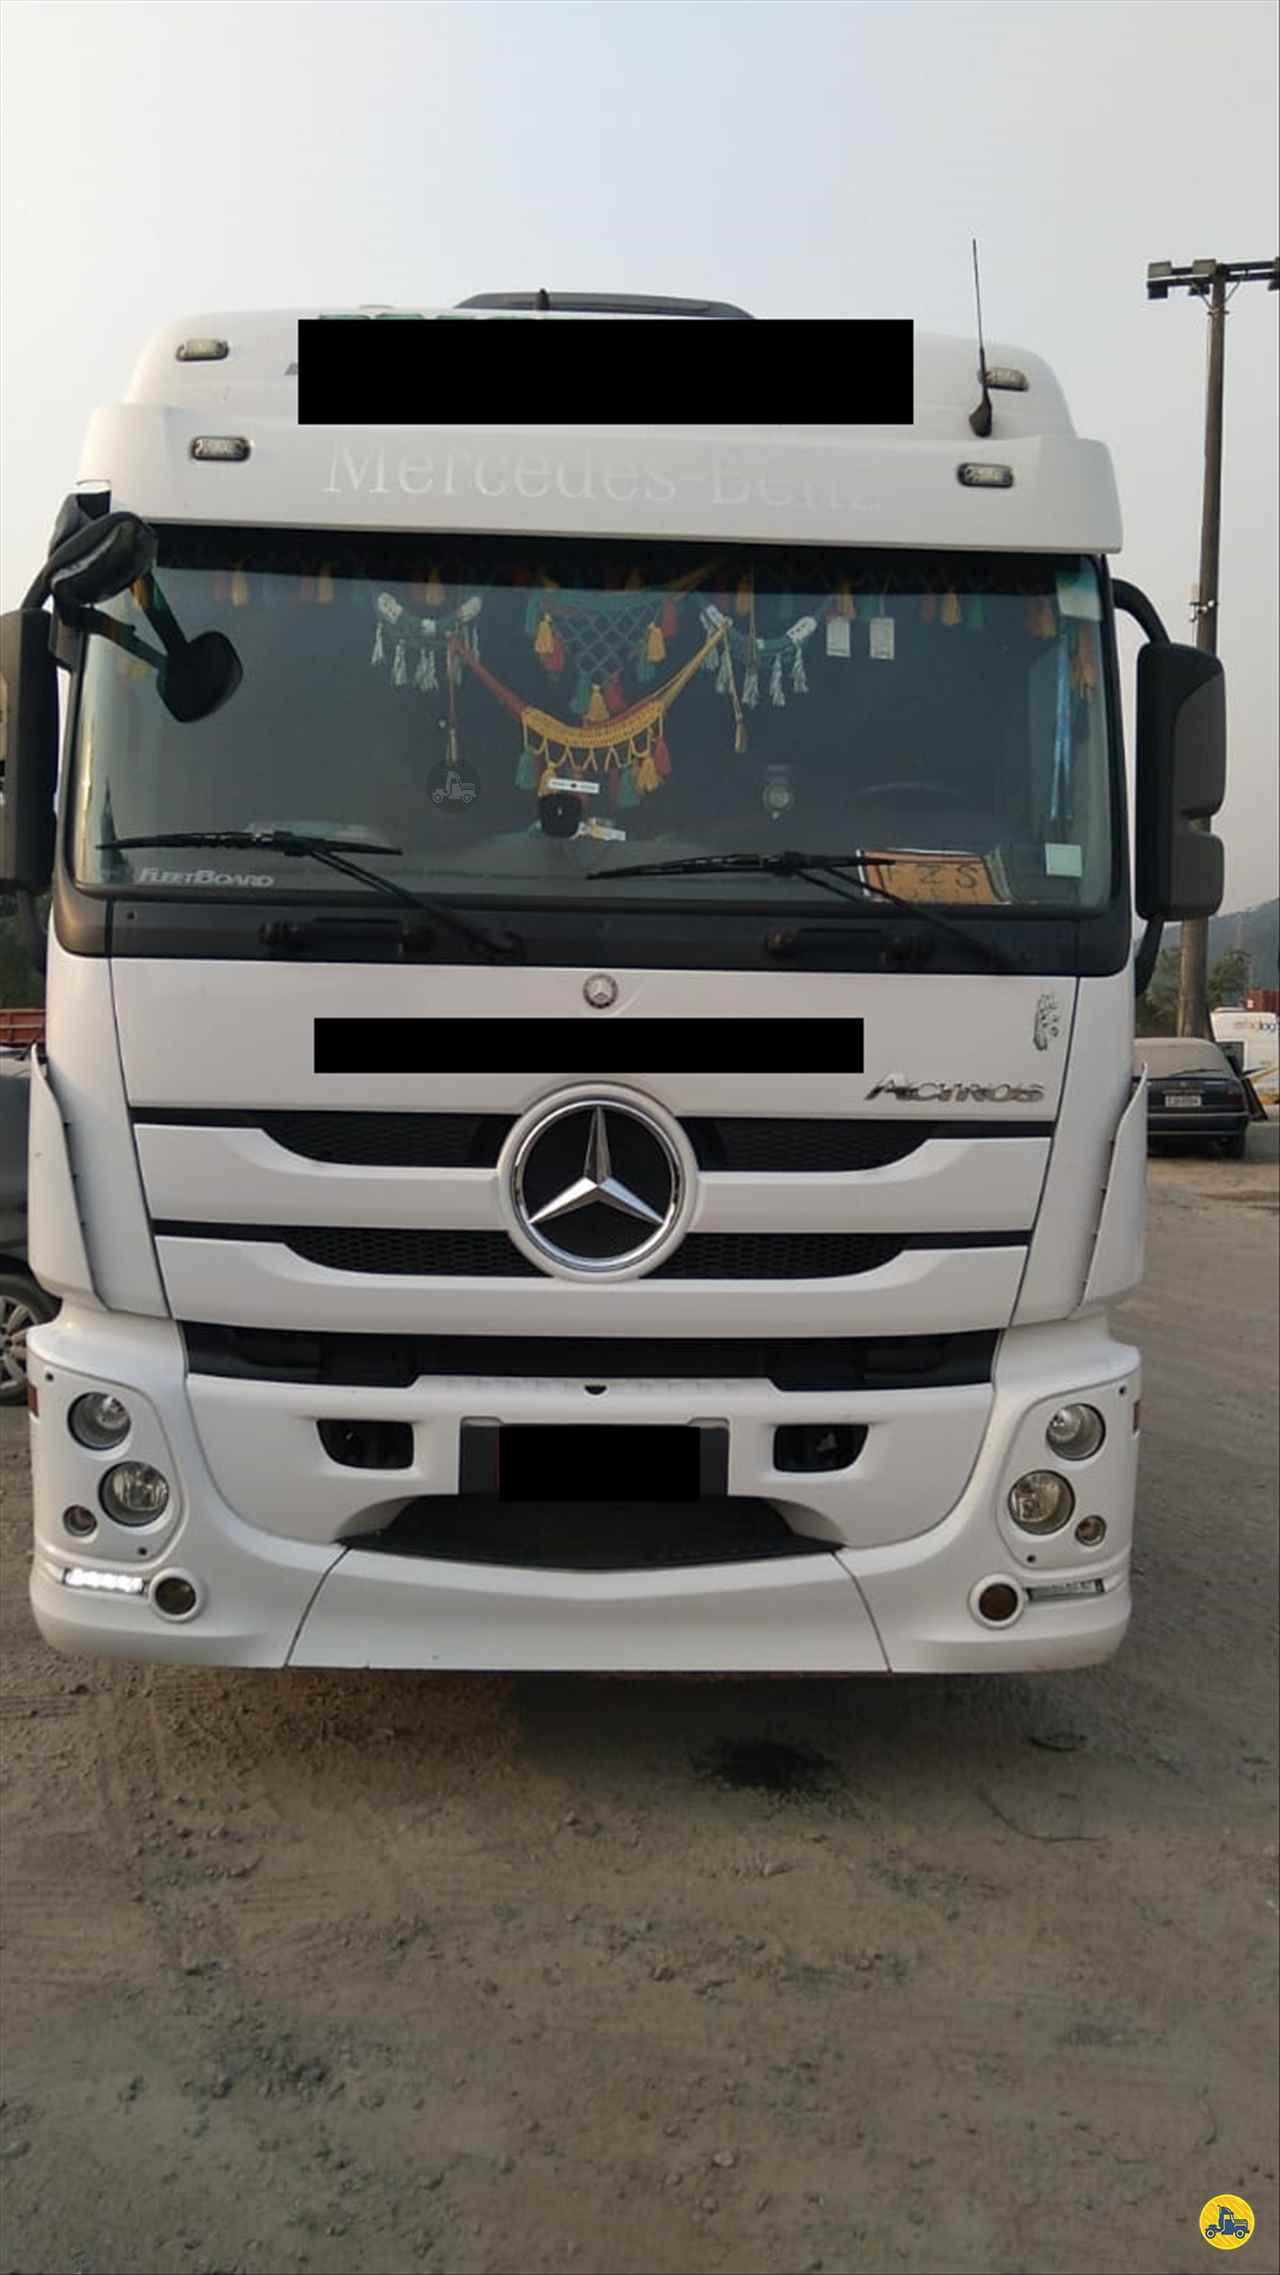 CAMINHAO MERCEDES-BENZ MB 2651 Cavalo Mecânico Traçado 6x4 Wilson Caminhões RIBEIRAO PIRES SÃO PAULO SP